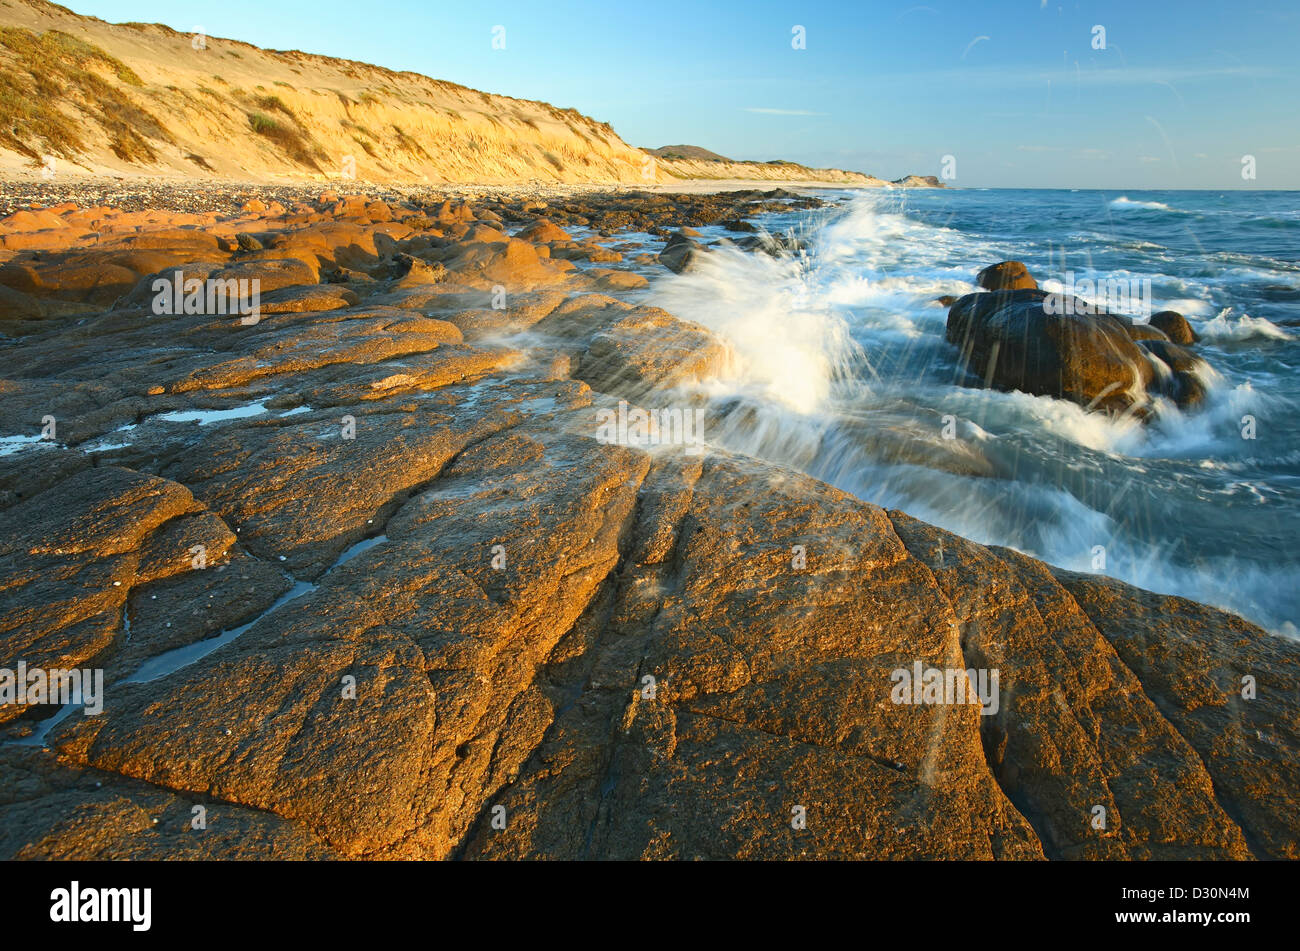 Onde che si infrangono sulle rocce, Cabo Pulmo (sul mare di Cortez), Baja California Sur, Messico Immagini Stock